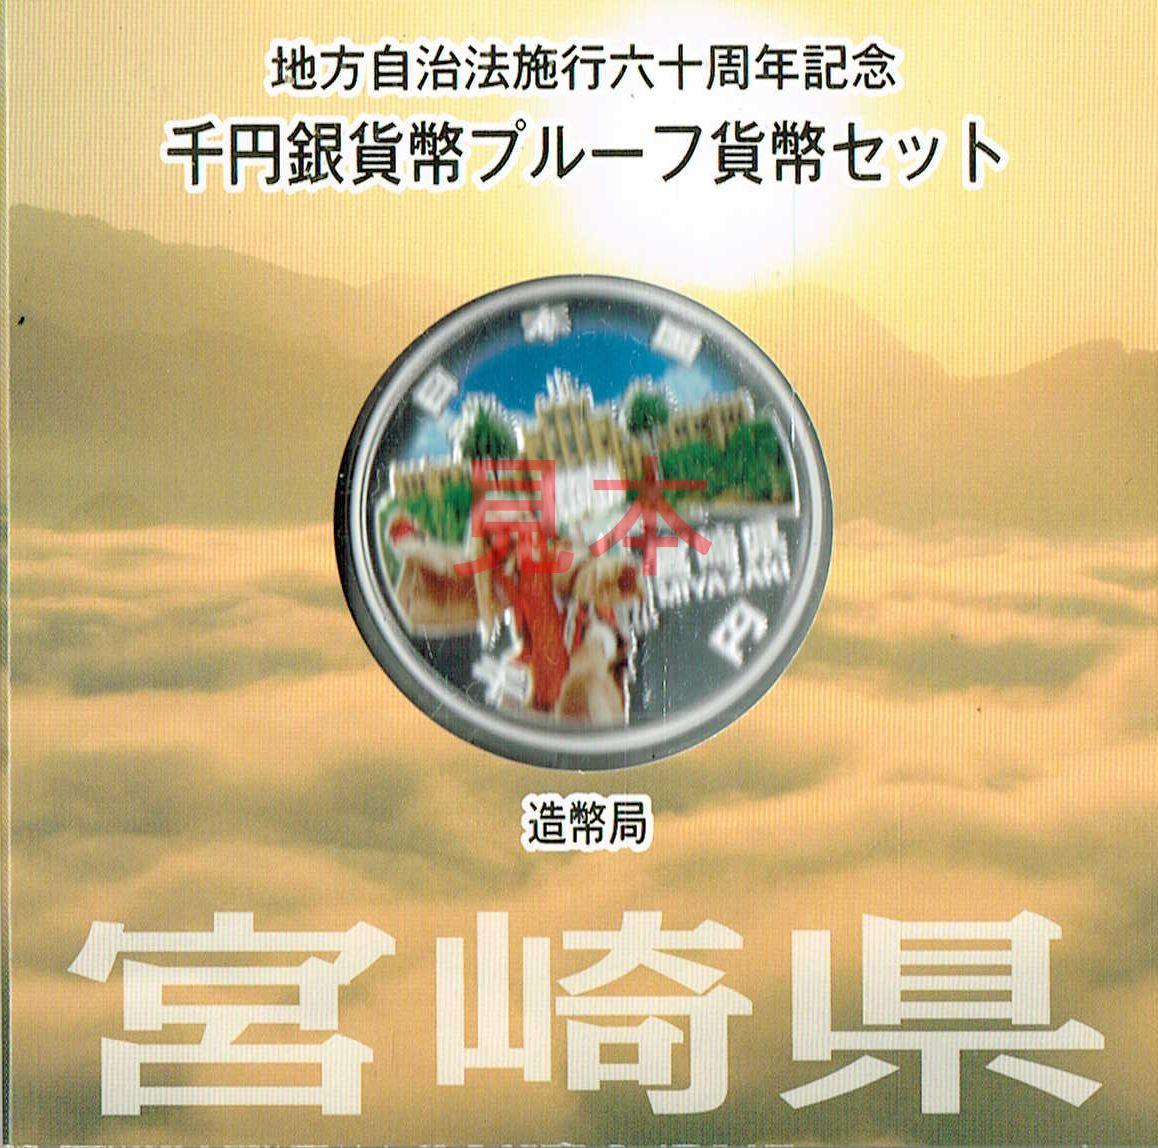 商品名「地方自治法施行60周年記念千円銀貨幣プルーフ Aセット 宮崎県」